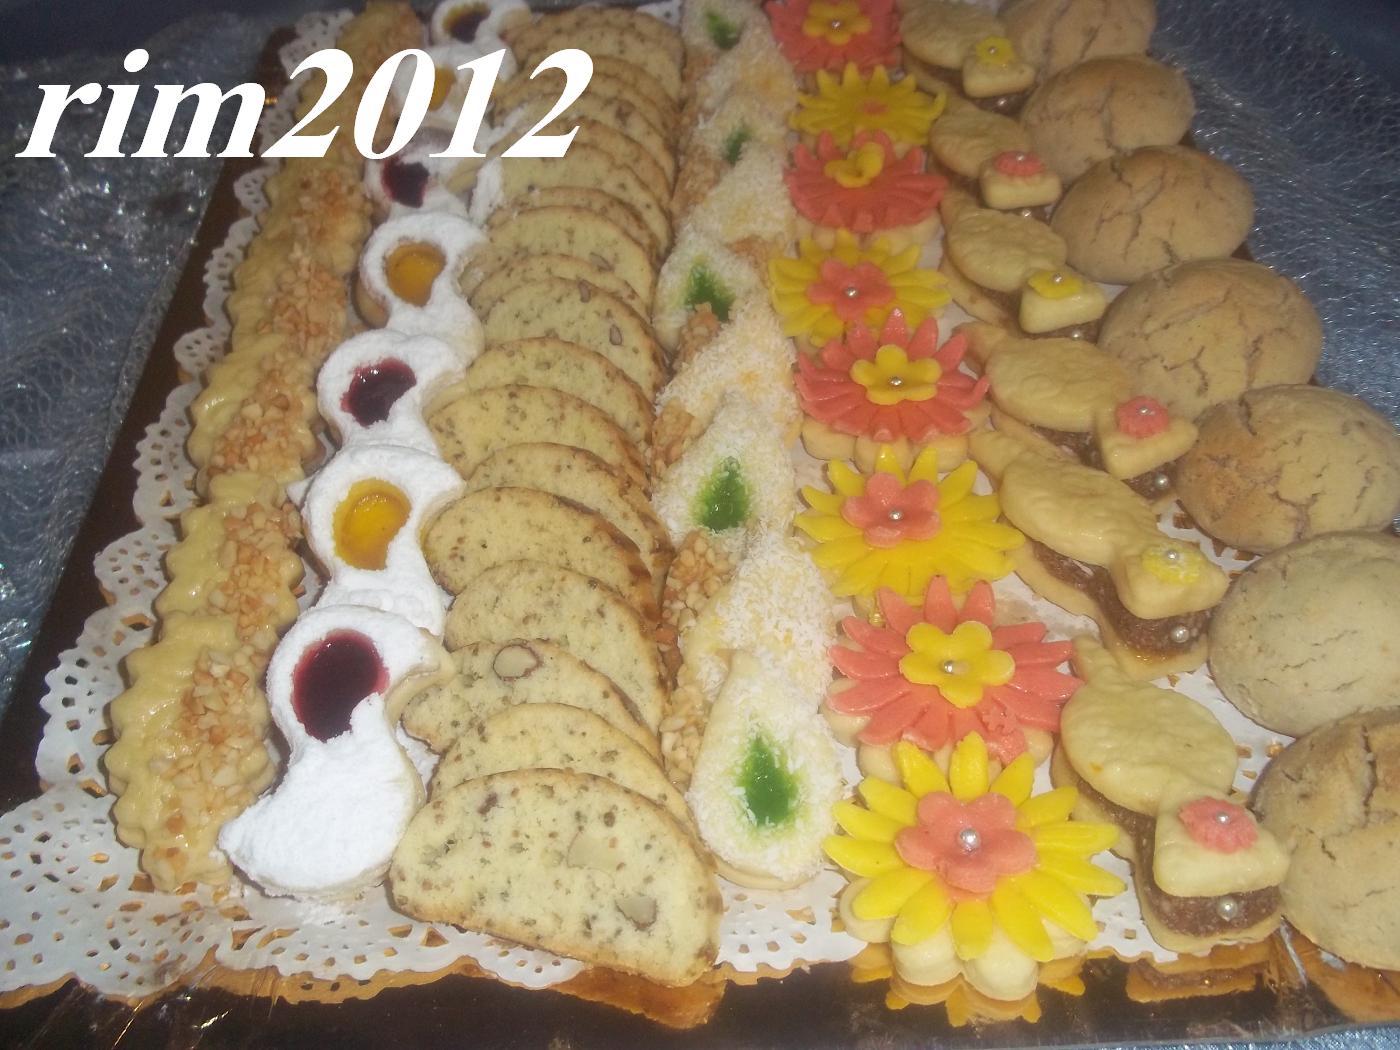 بالصور الحلويات المغربية بالصور والمقادير , اجمل الحلويات المغربية 2541 4